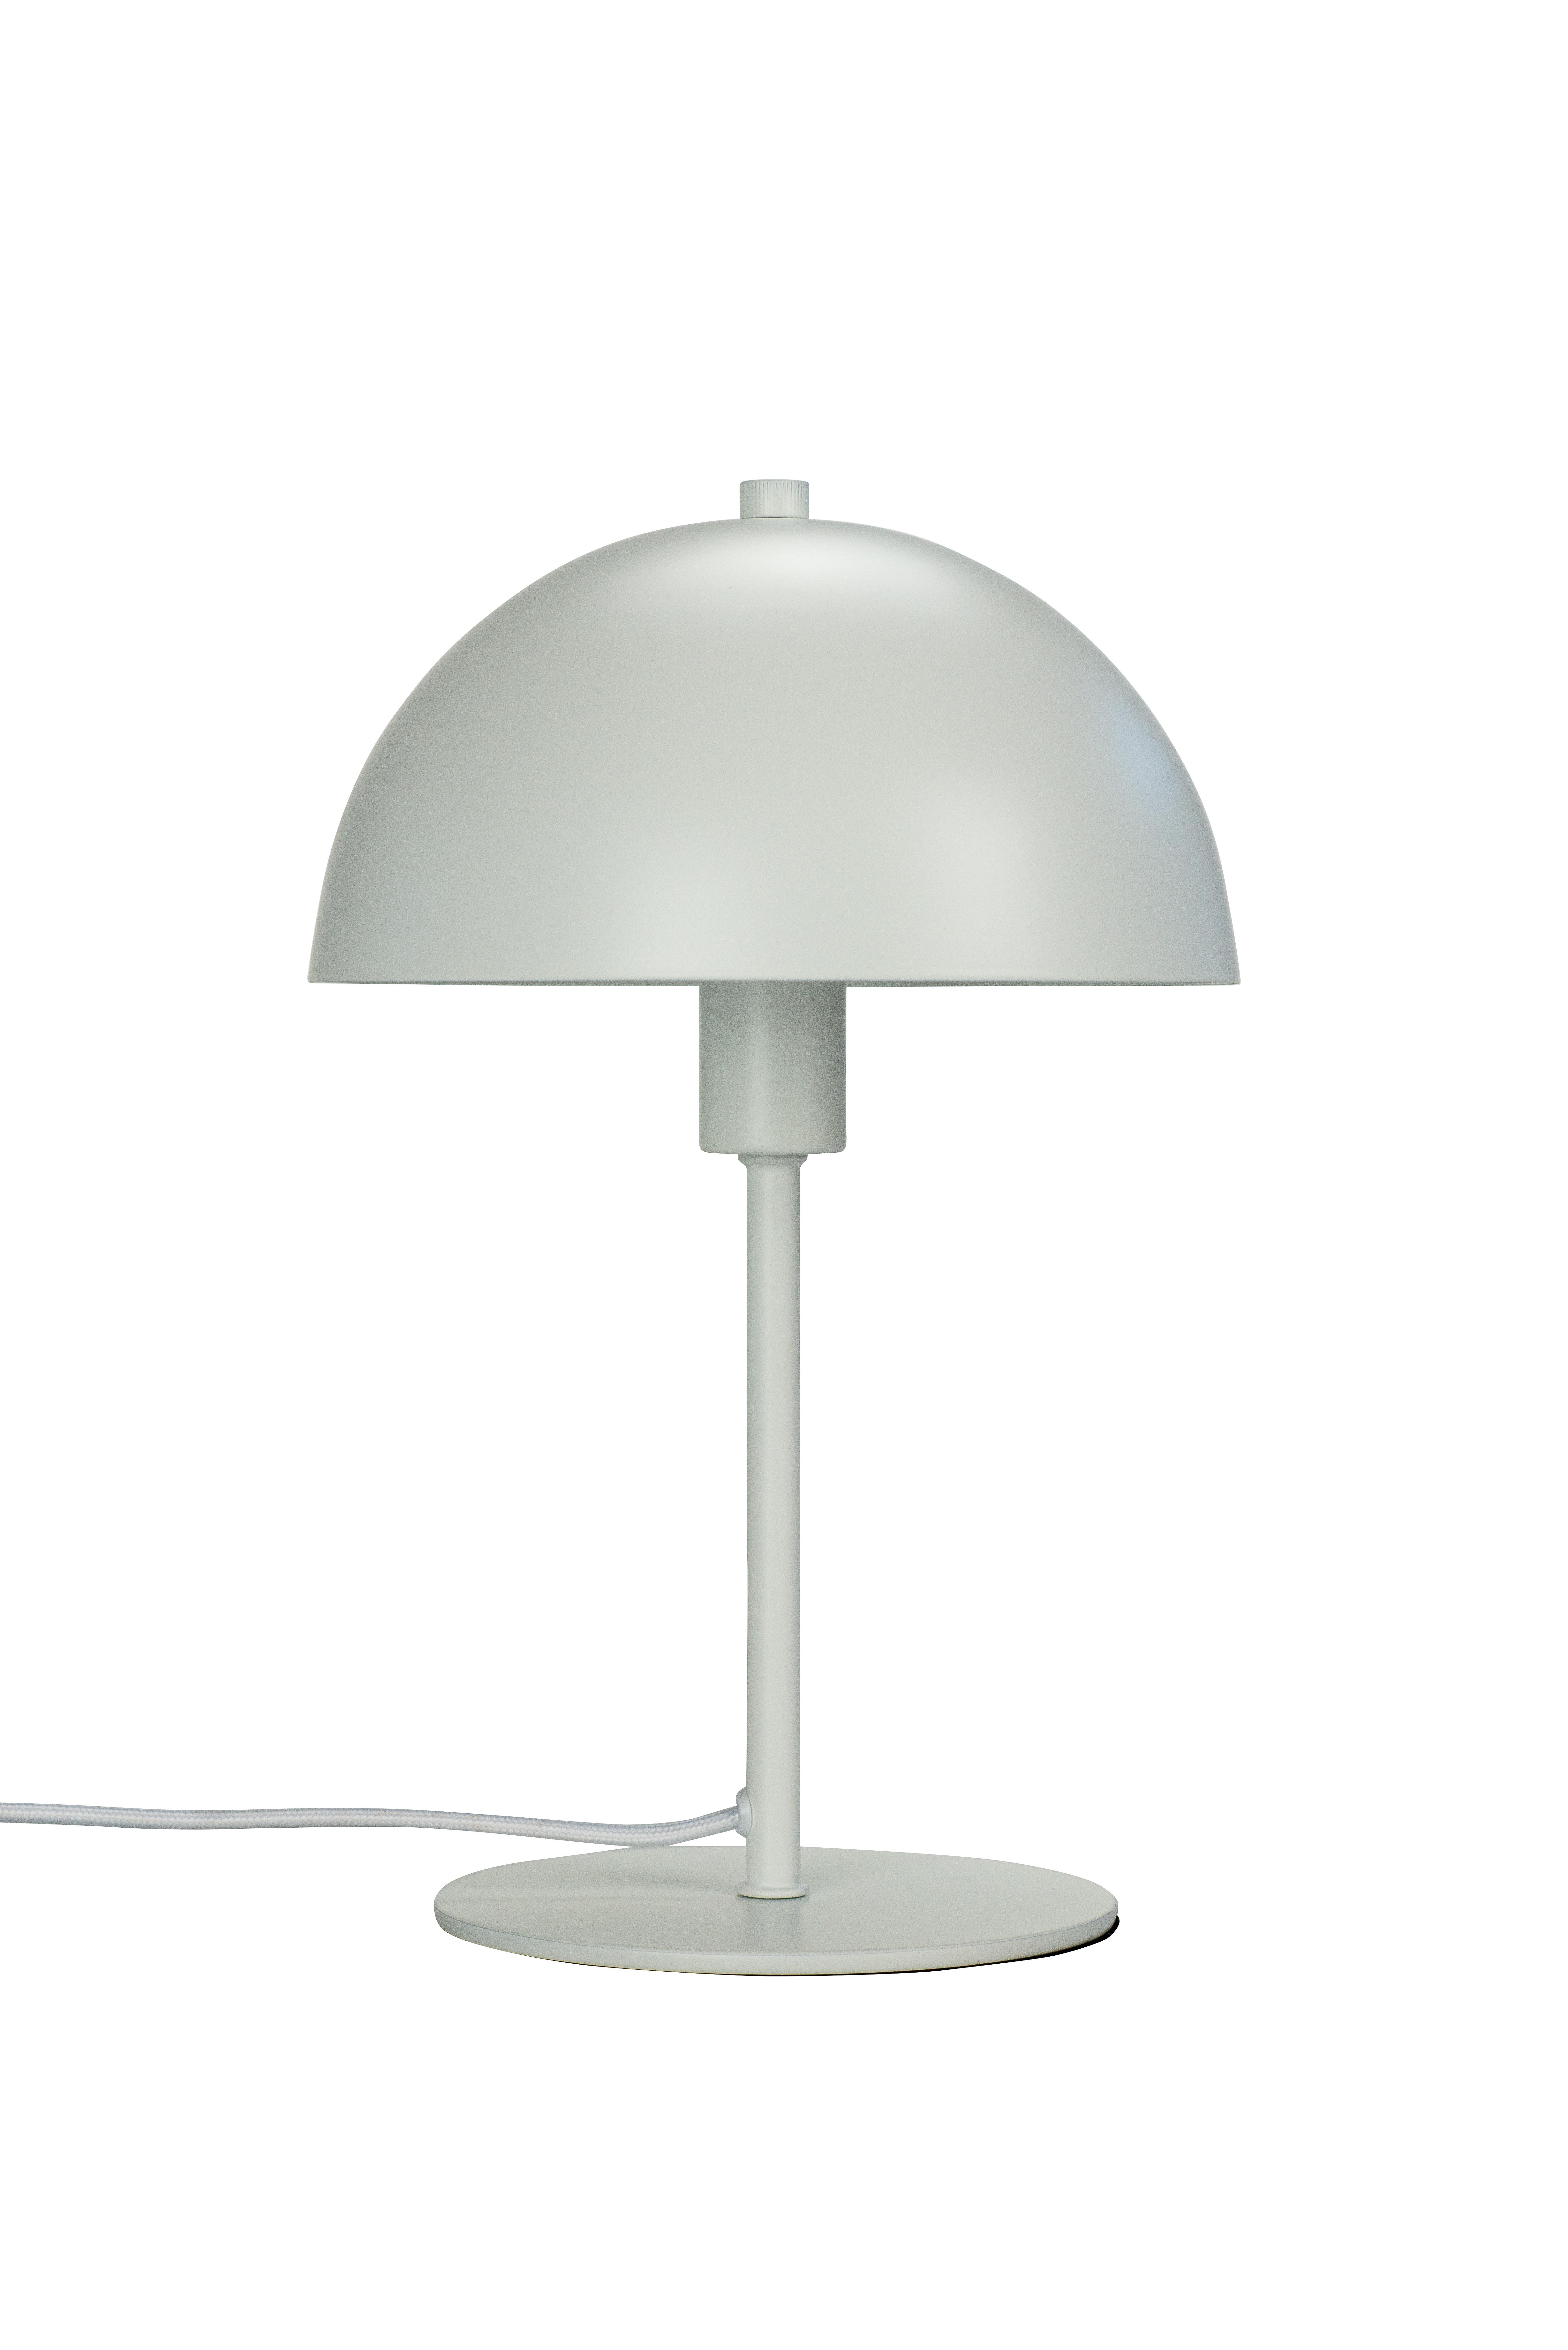 Dyberg-Larsen - Malmø Table - Matt White (8121)